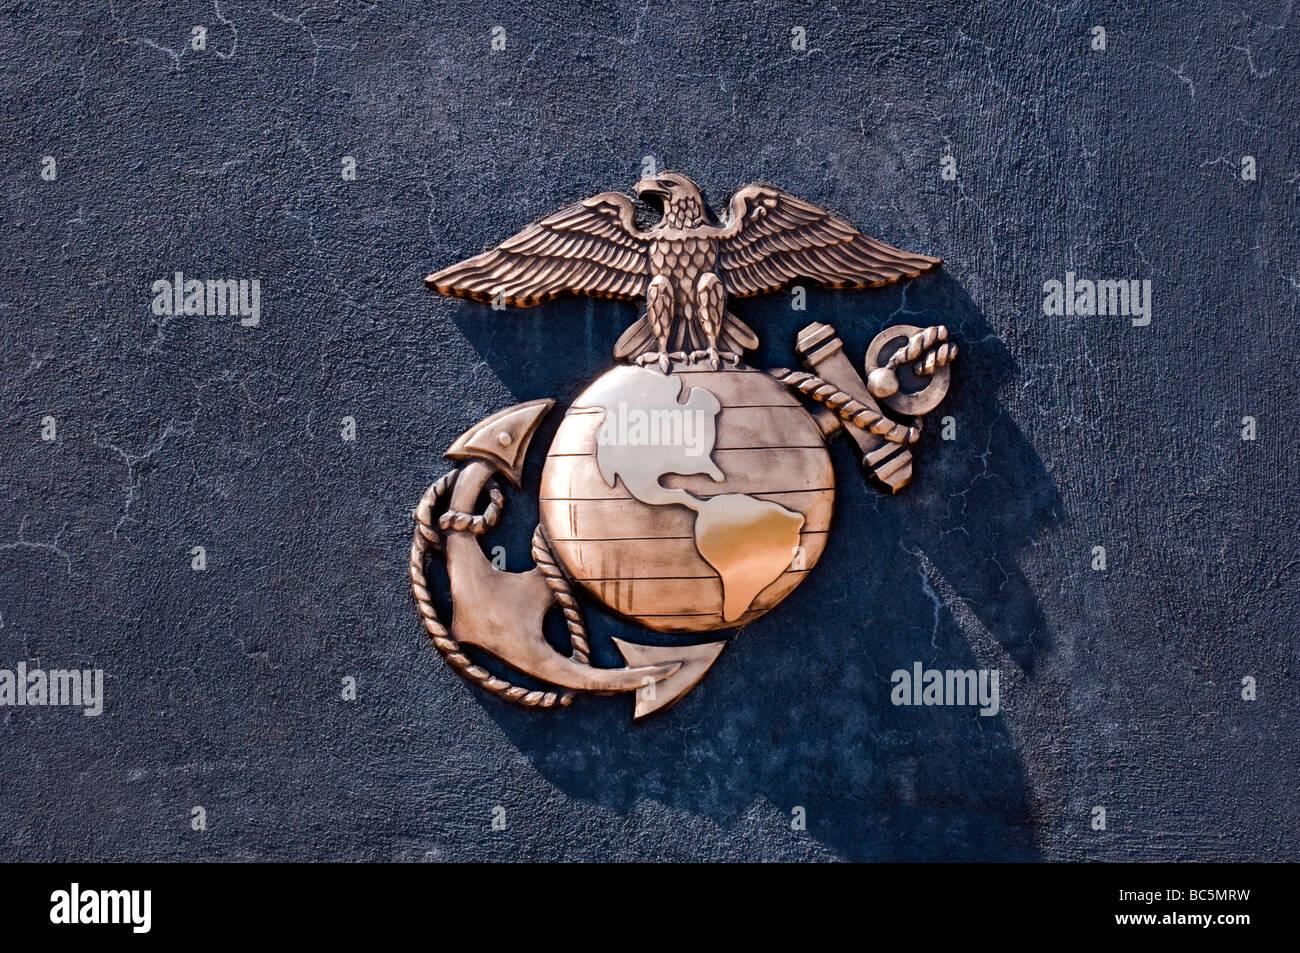 Emblema de Infantería de Marina de los Estados Unidos sobre el granito Foto de stock